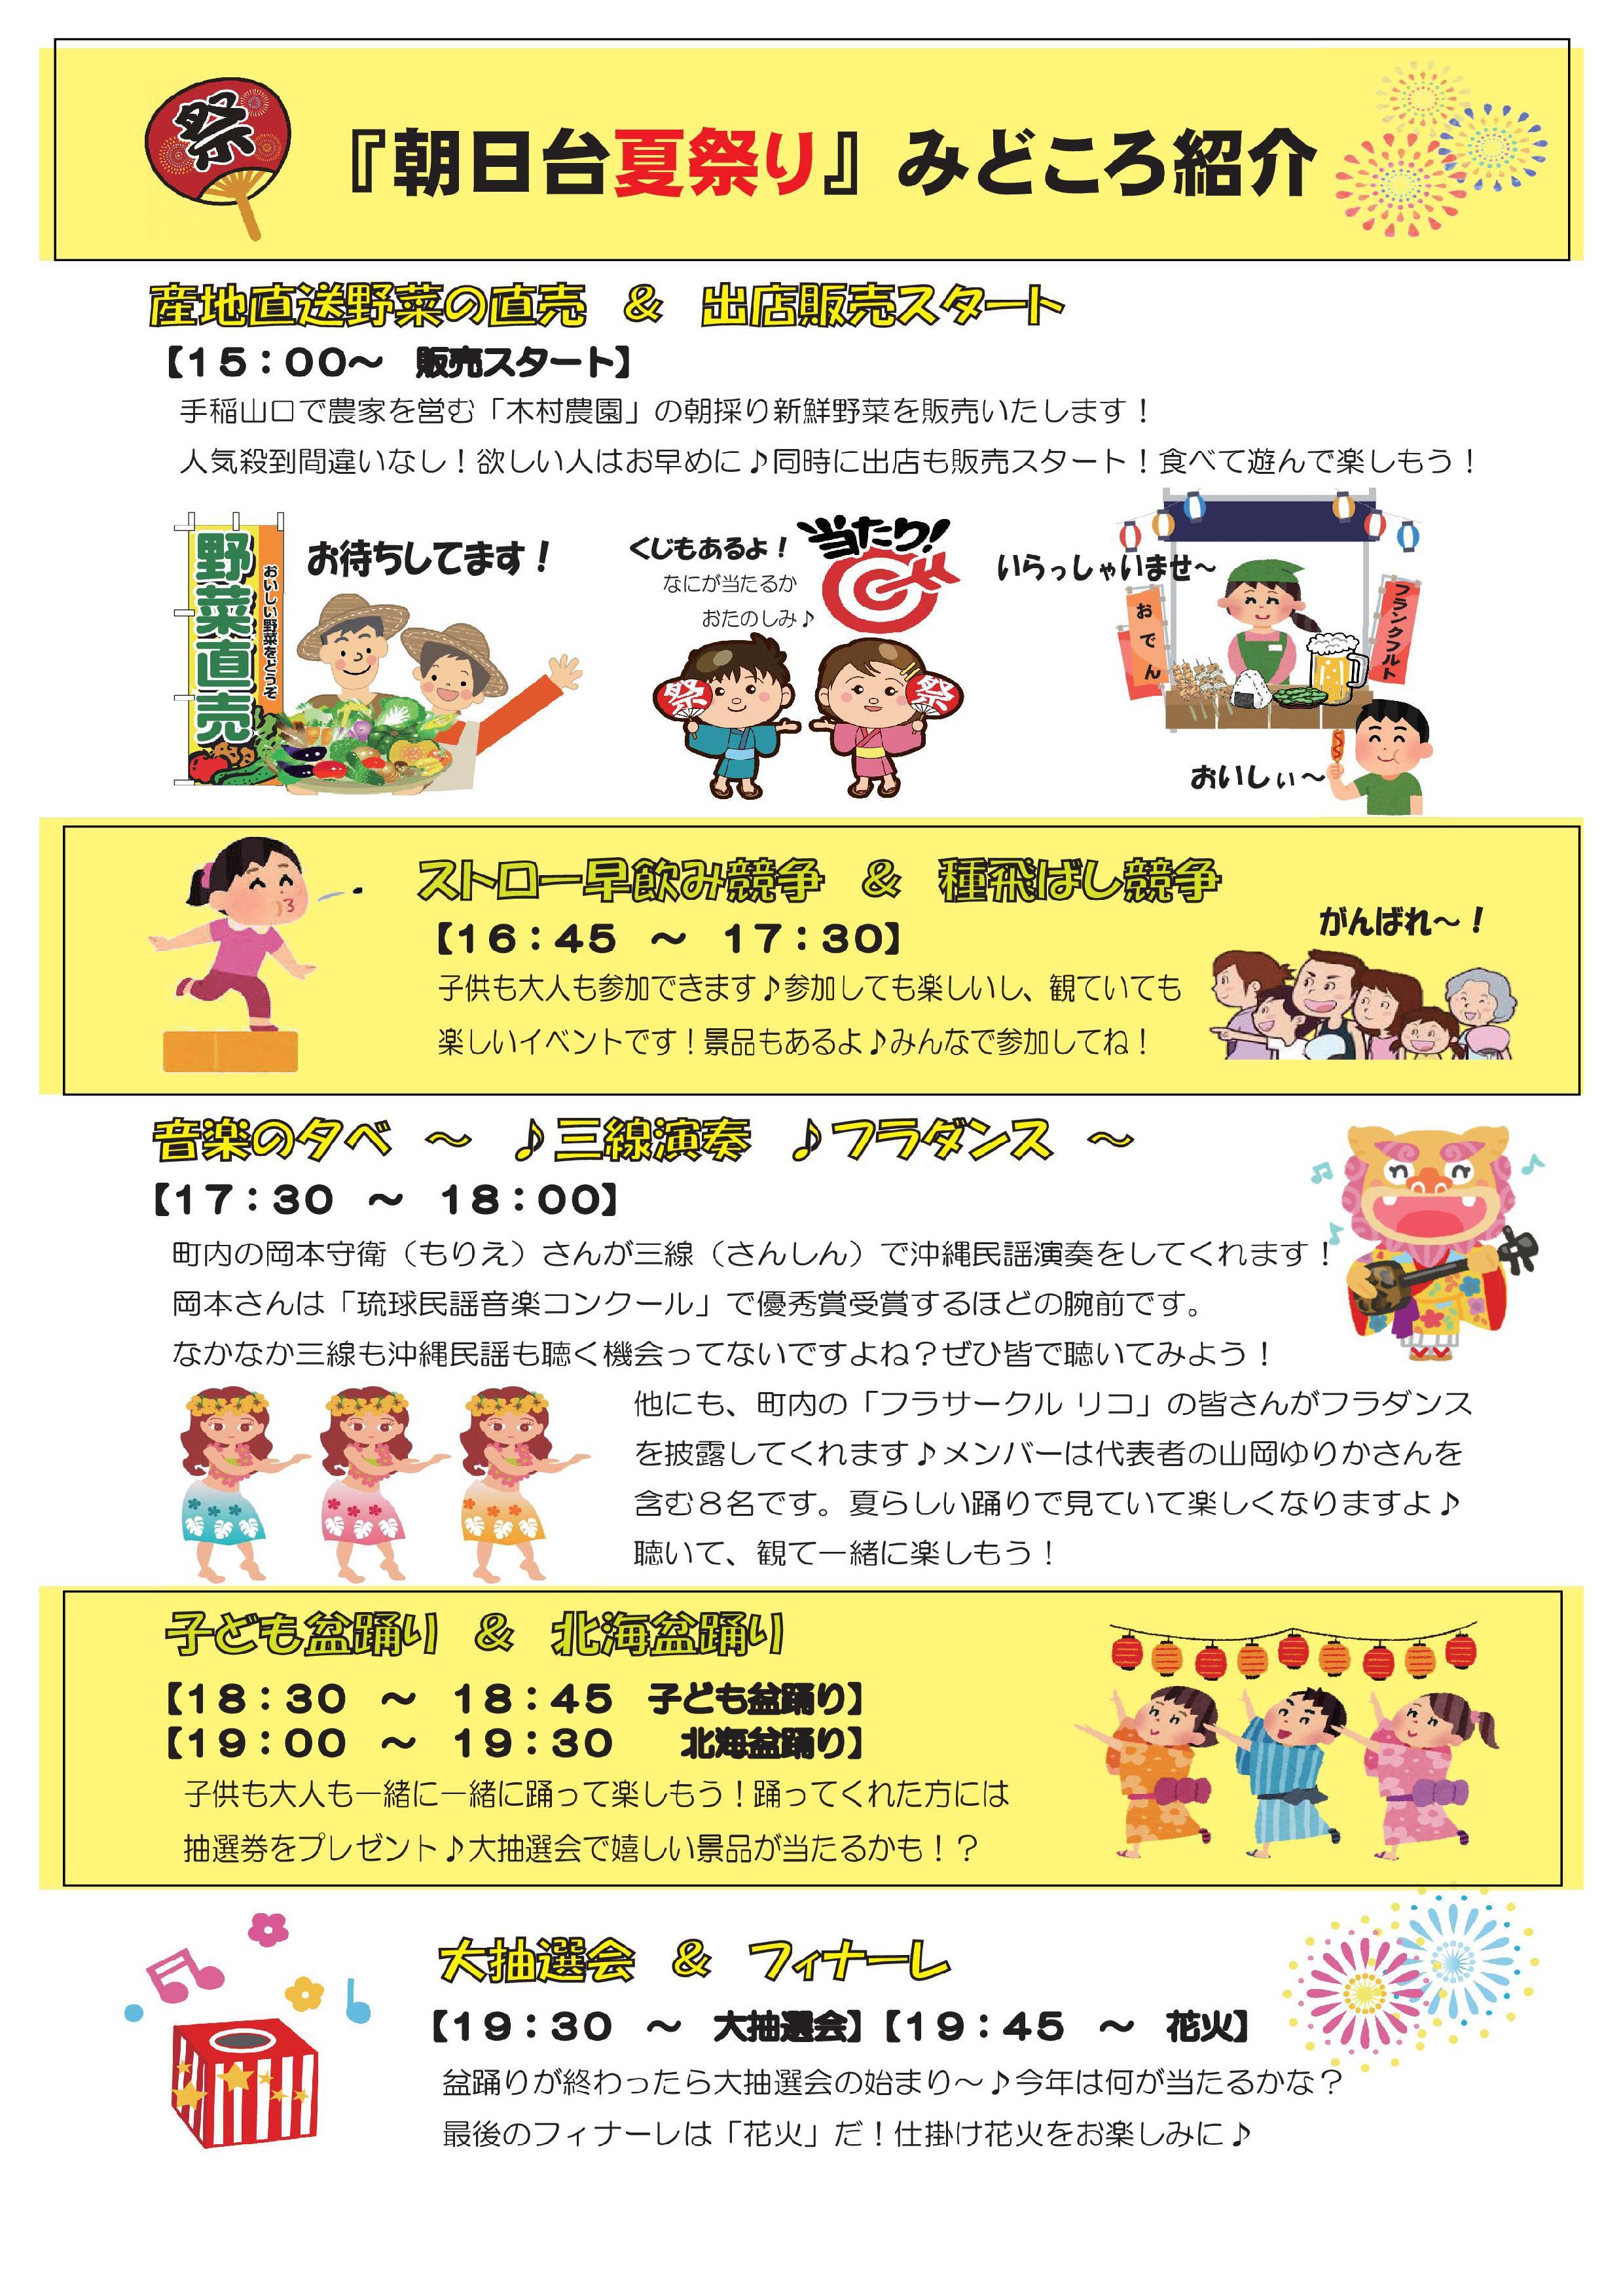 http://sumikawa.info/asahidai/30-8%E6%9C%88%E5%8F%B72.jpg